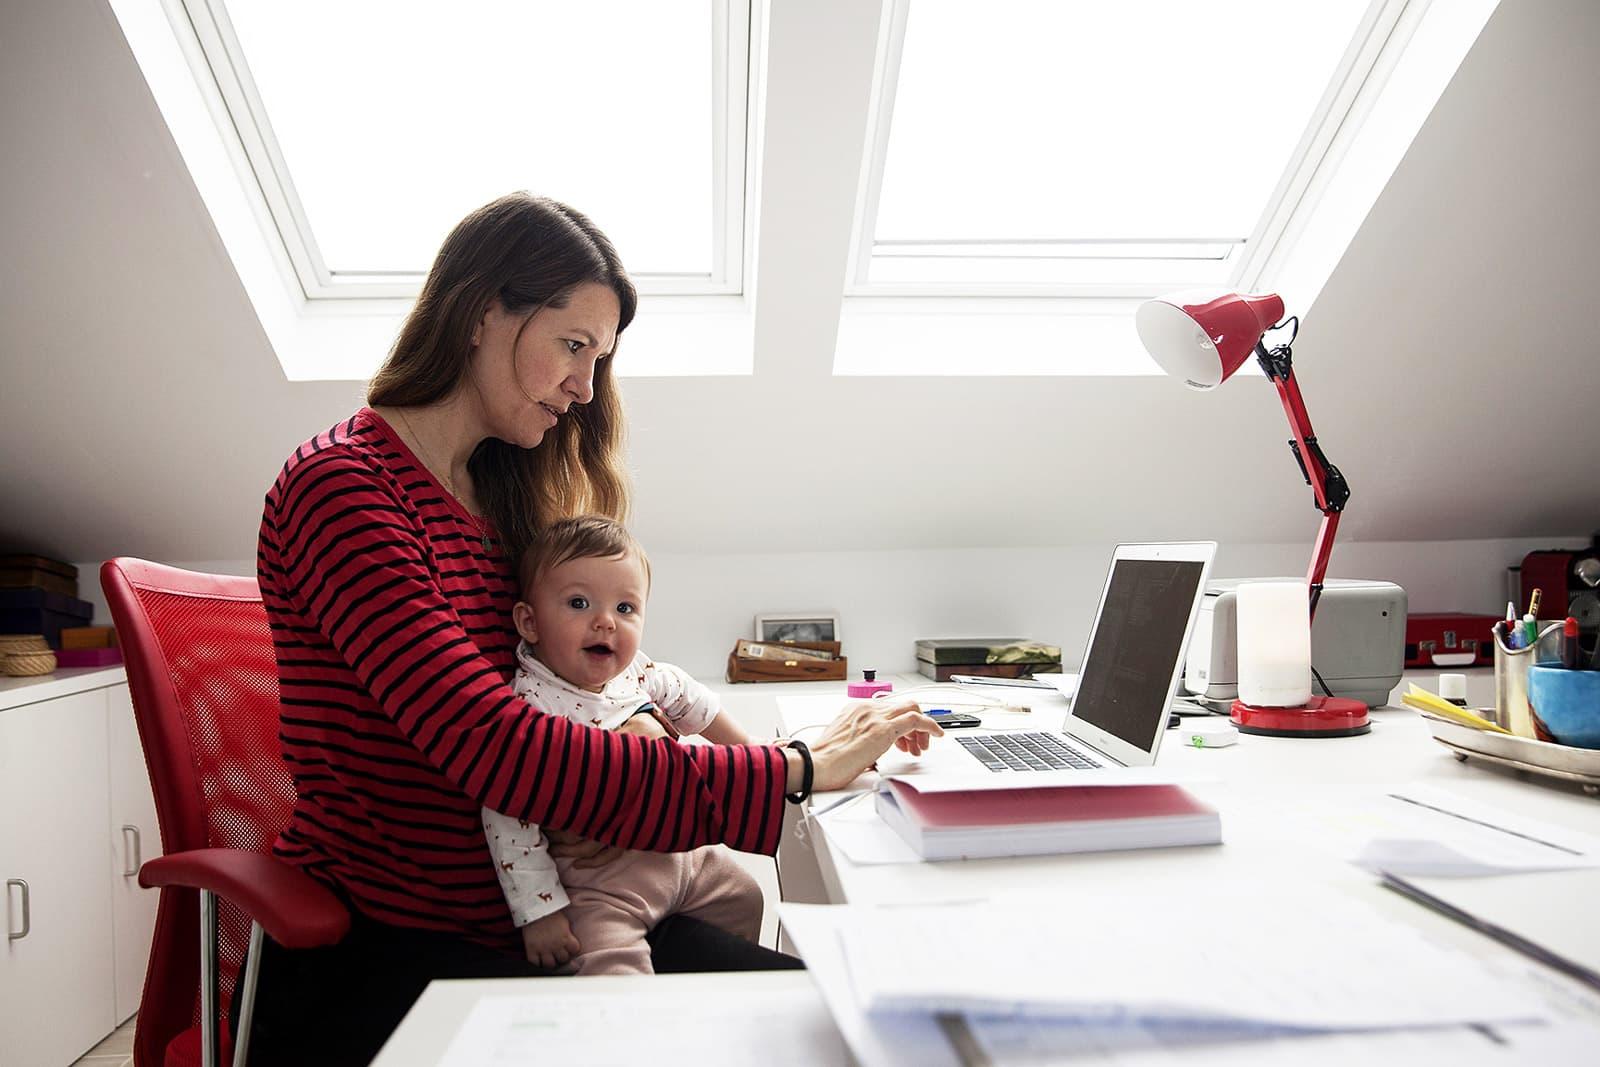 Una dona de Majadahonda, Madrid, treballa a casa durant el confinament en companyia de la seva filla de sis mesos. Fotografia de Miguel Pereira. Getty Images.